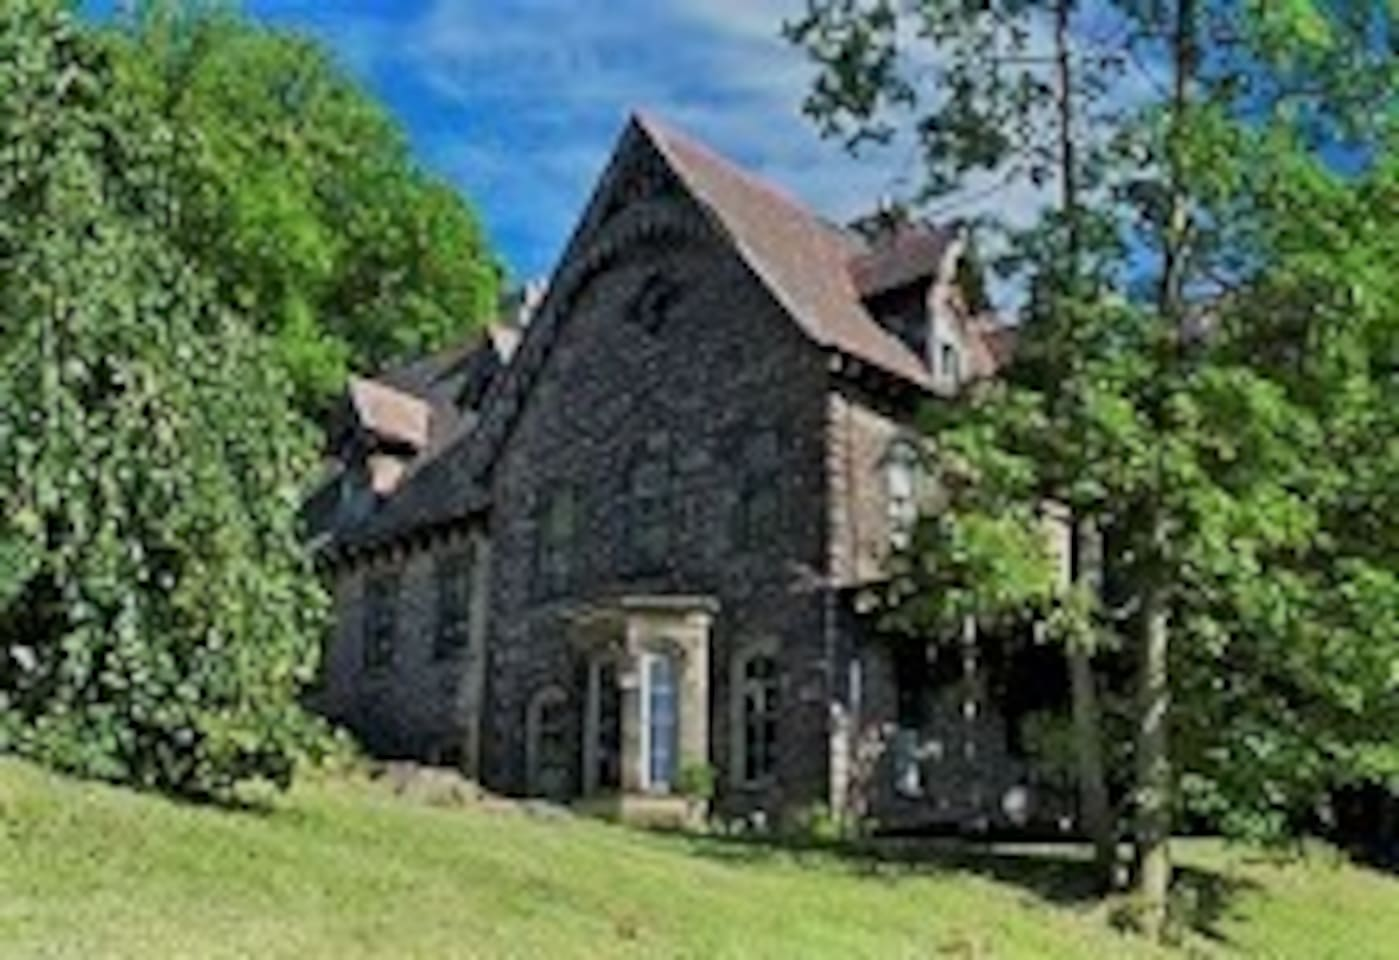 John F. Singer House Historic Landmark Gothic Manorhouse Built 1863-1868